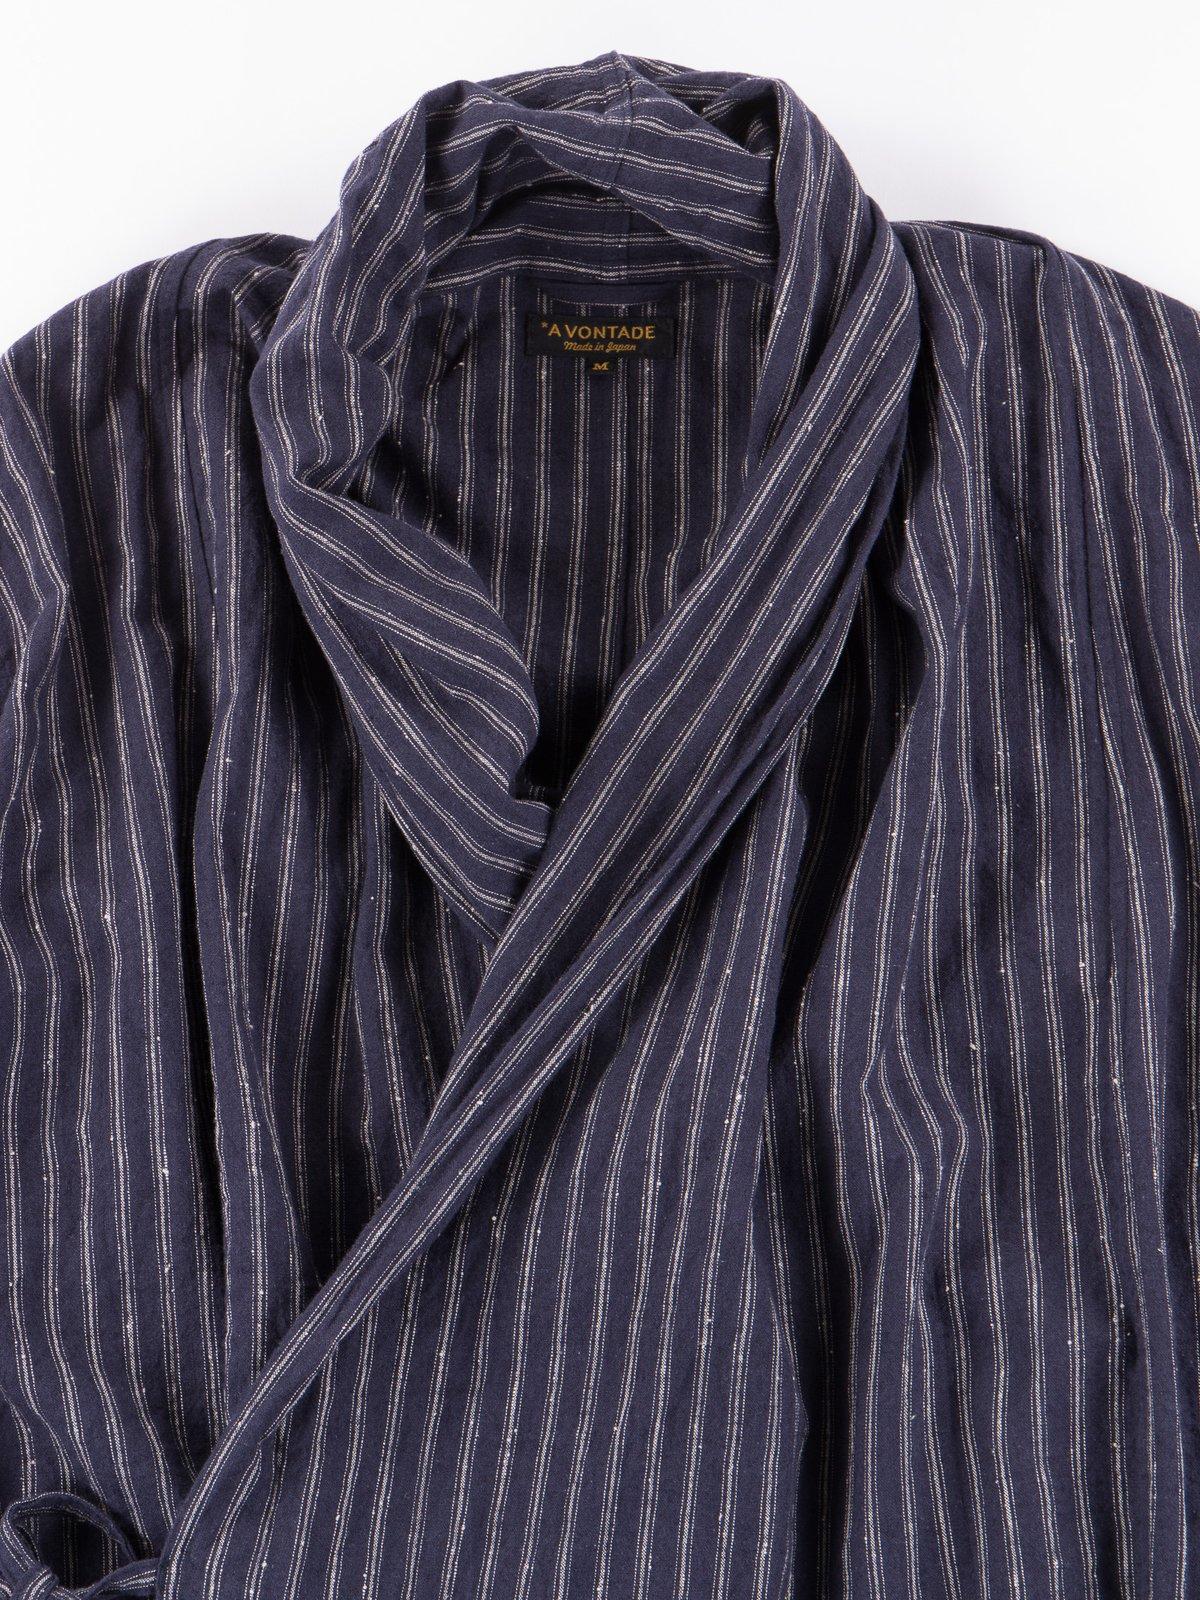 Dark Navy Stripe Robe Jacket - Image 2